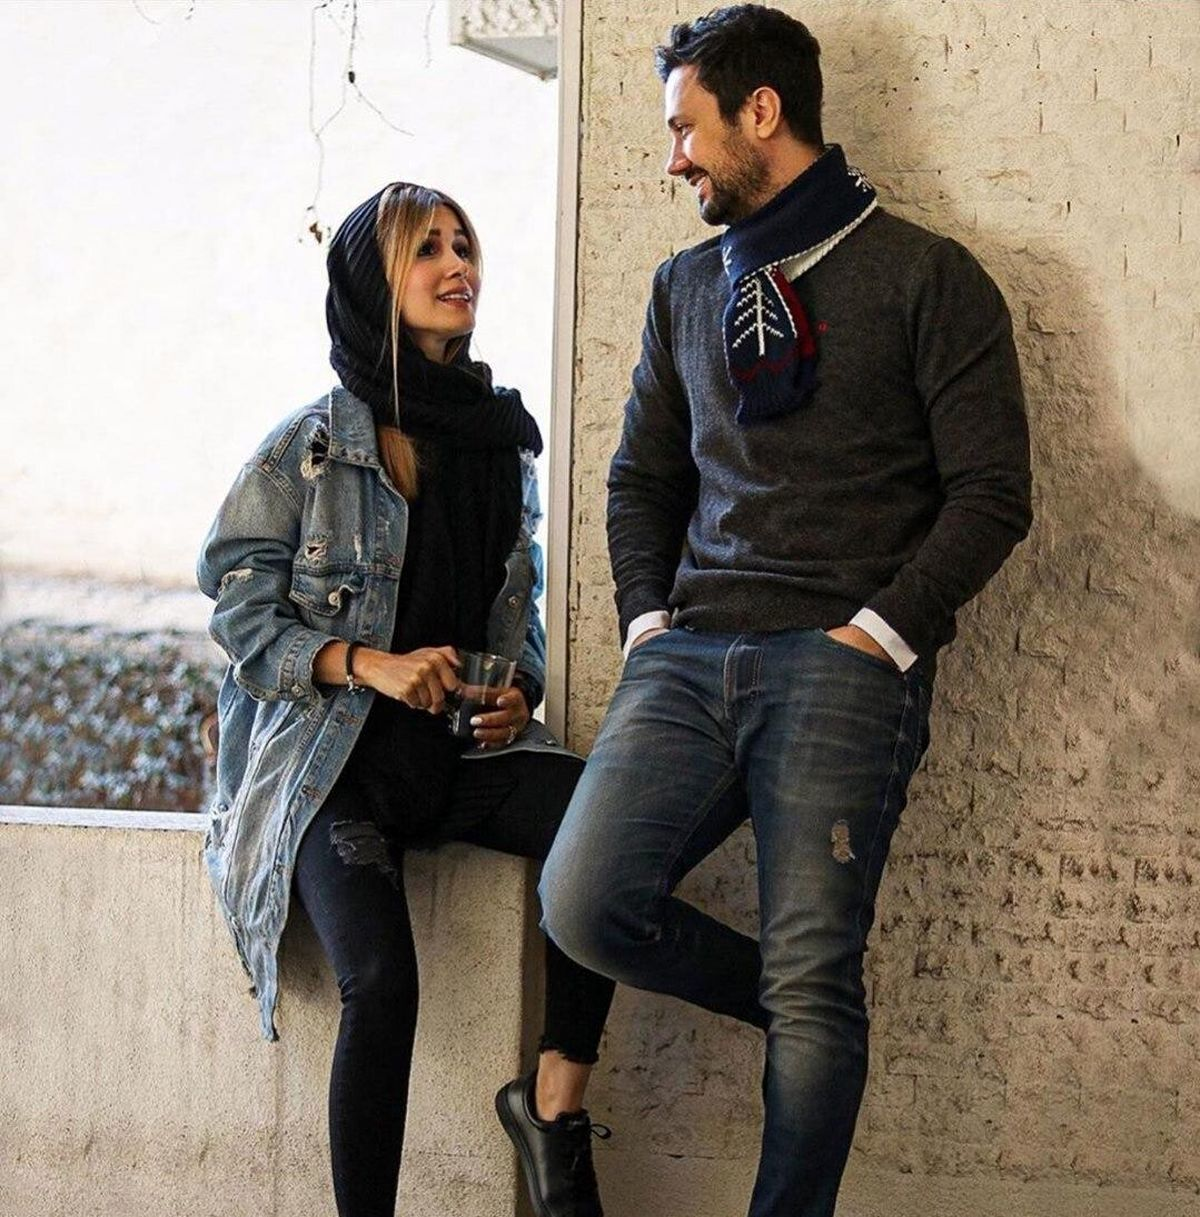 نظر کاربران توئیتر در مورد میکاپ همسر شاهرخ استخری + عکس شاهرخ استخری